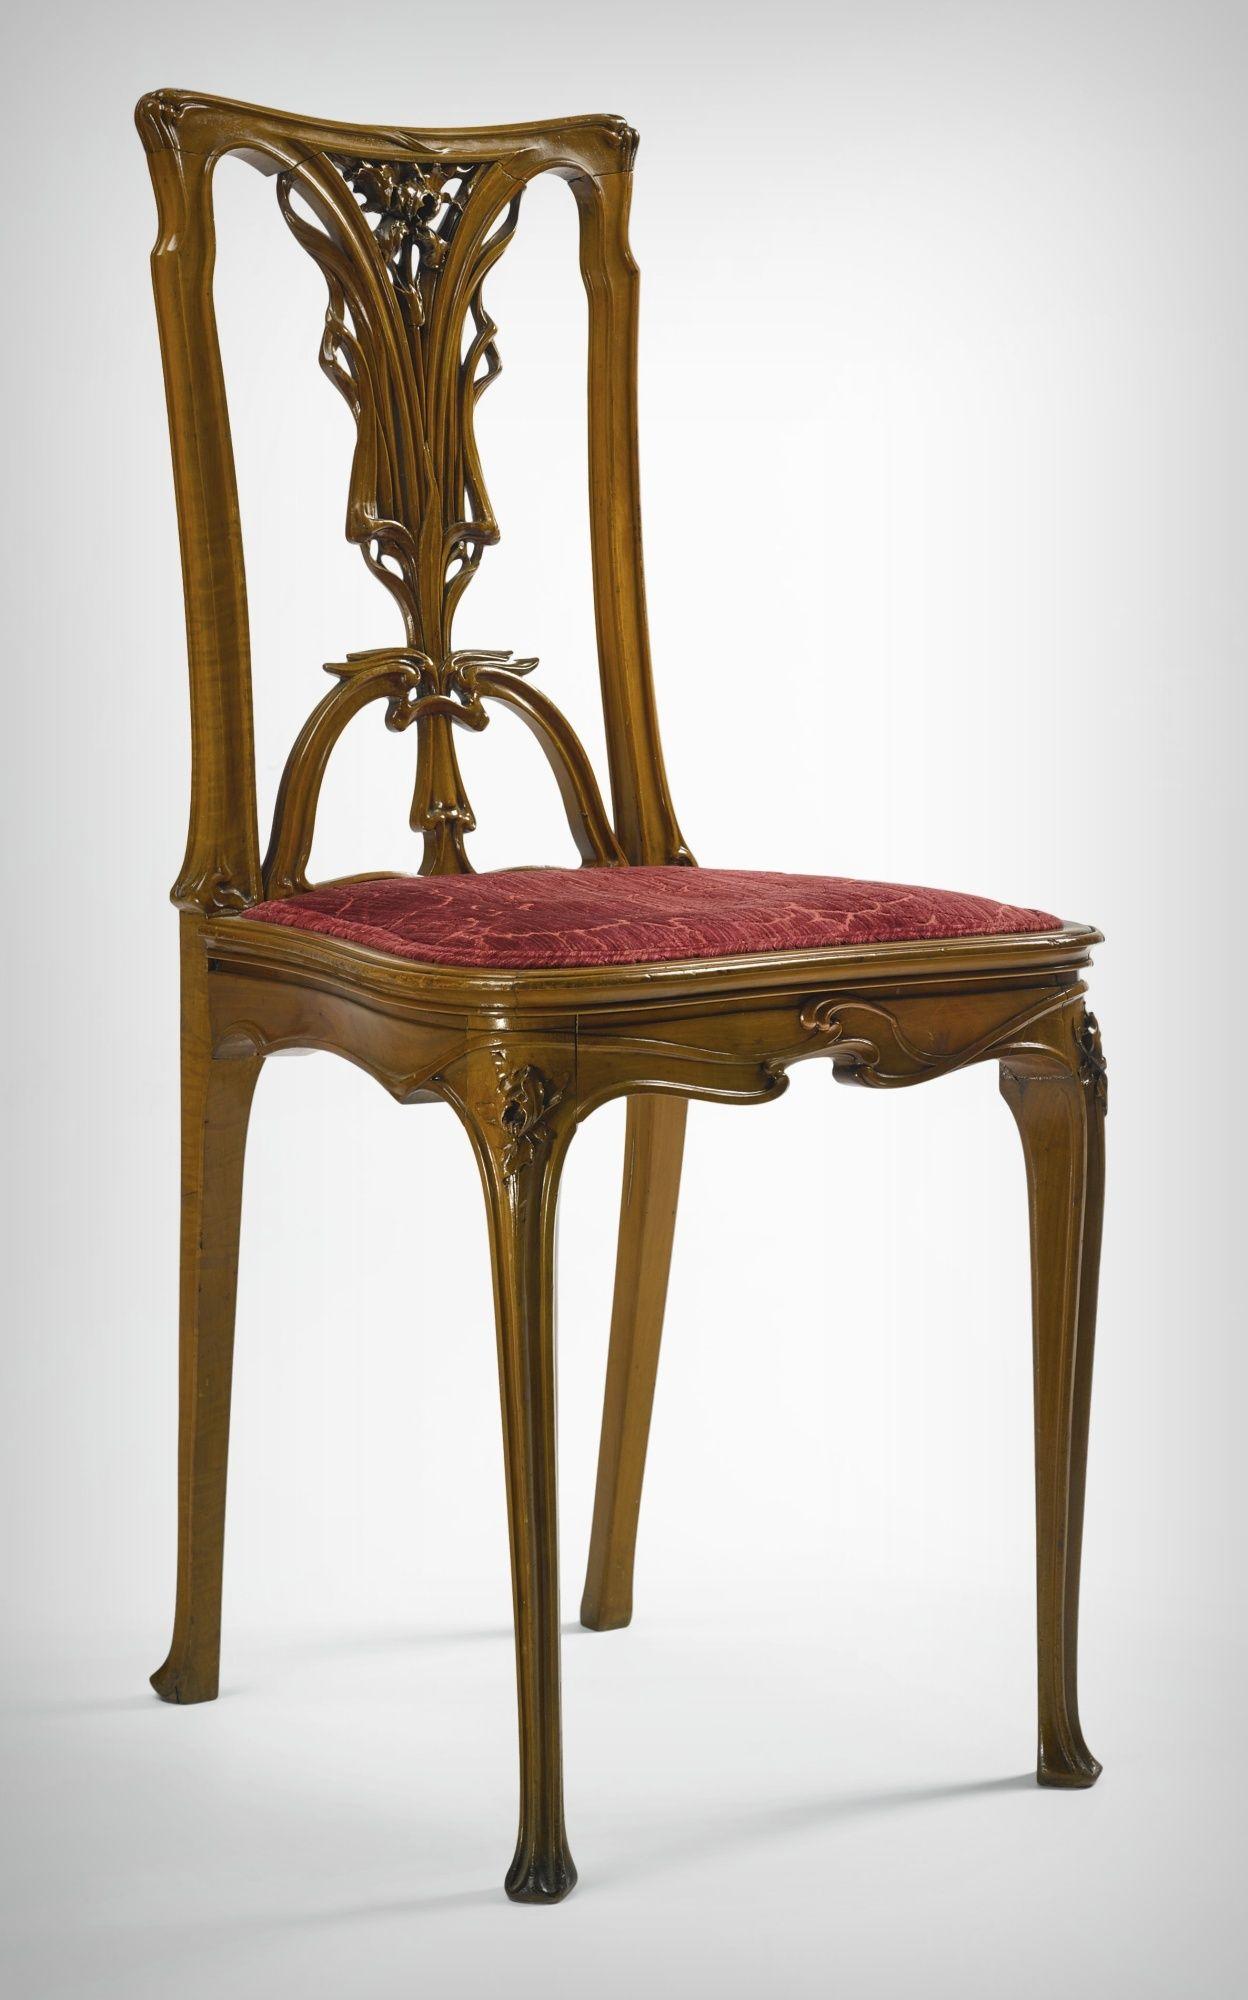 Epingle Par Eric Leclerc Sur Art Nouveau Meubles Art Nouveau Chaise Fauteuil Interieur Art Deco